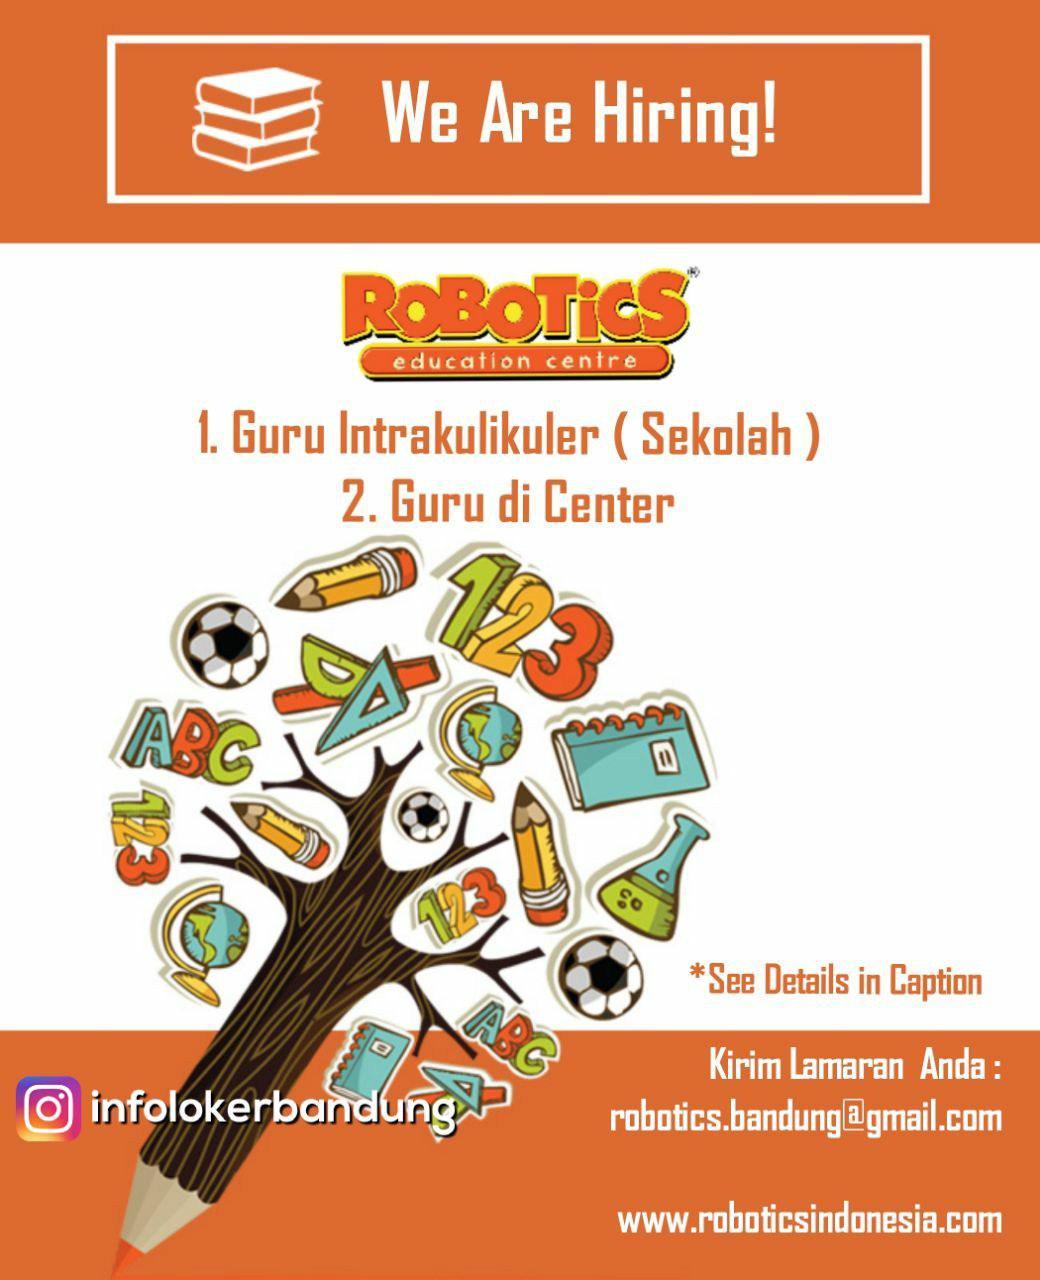 Lowongan Kerja Robotics Education Centre Bandung Mei 2018